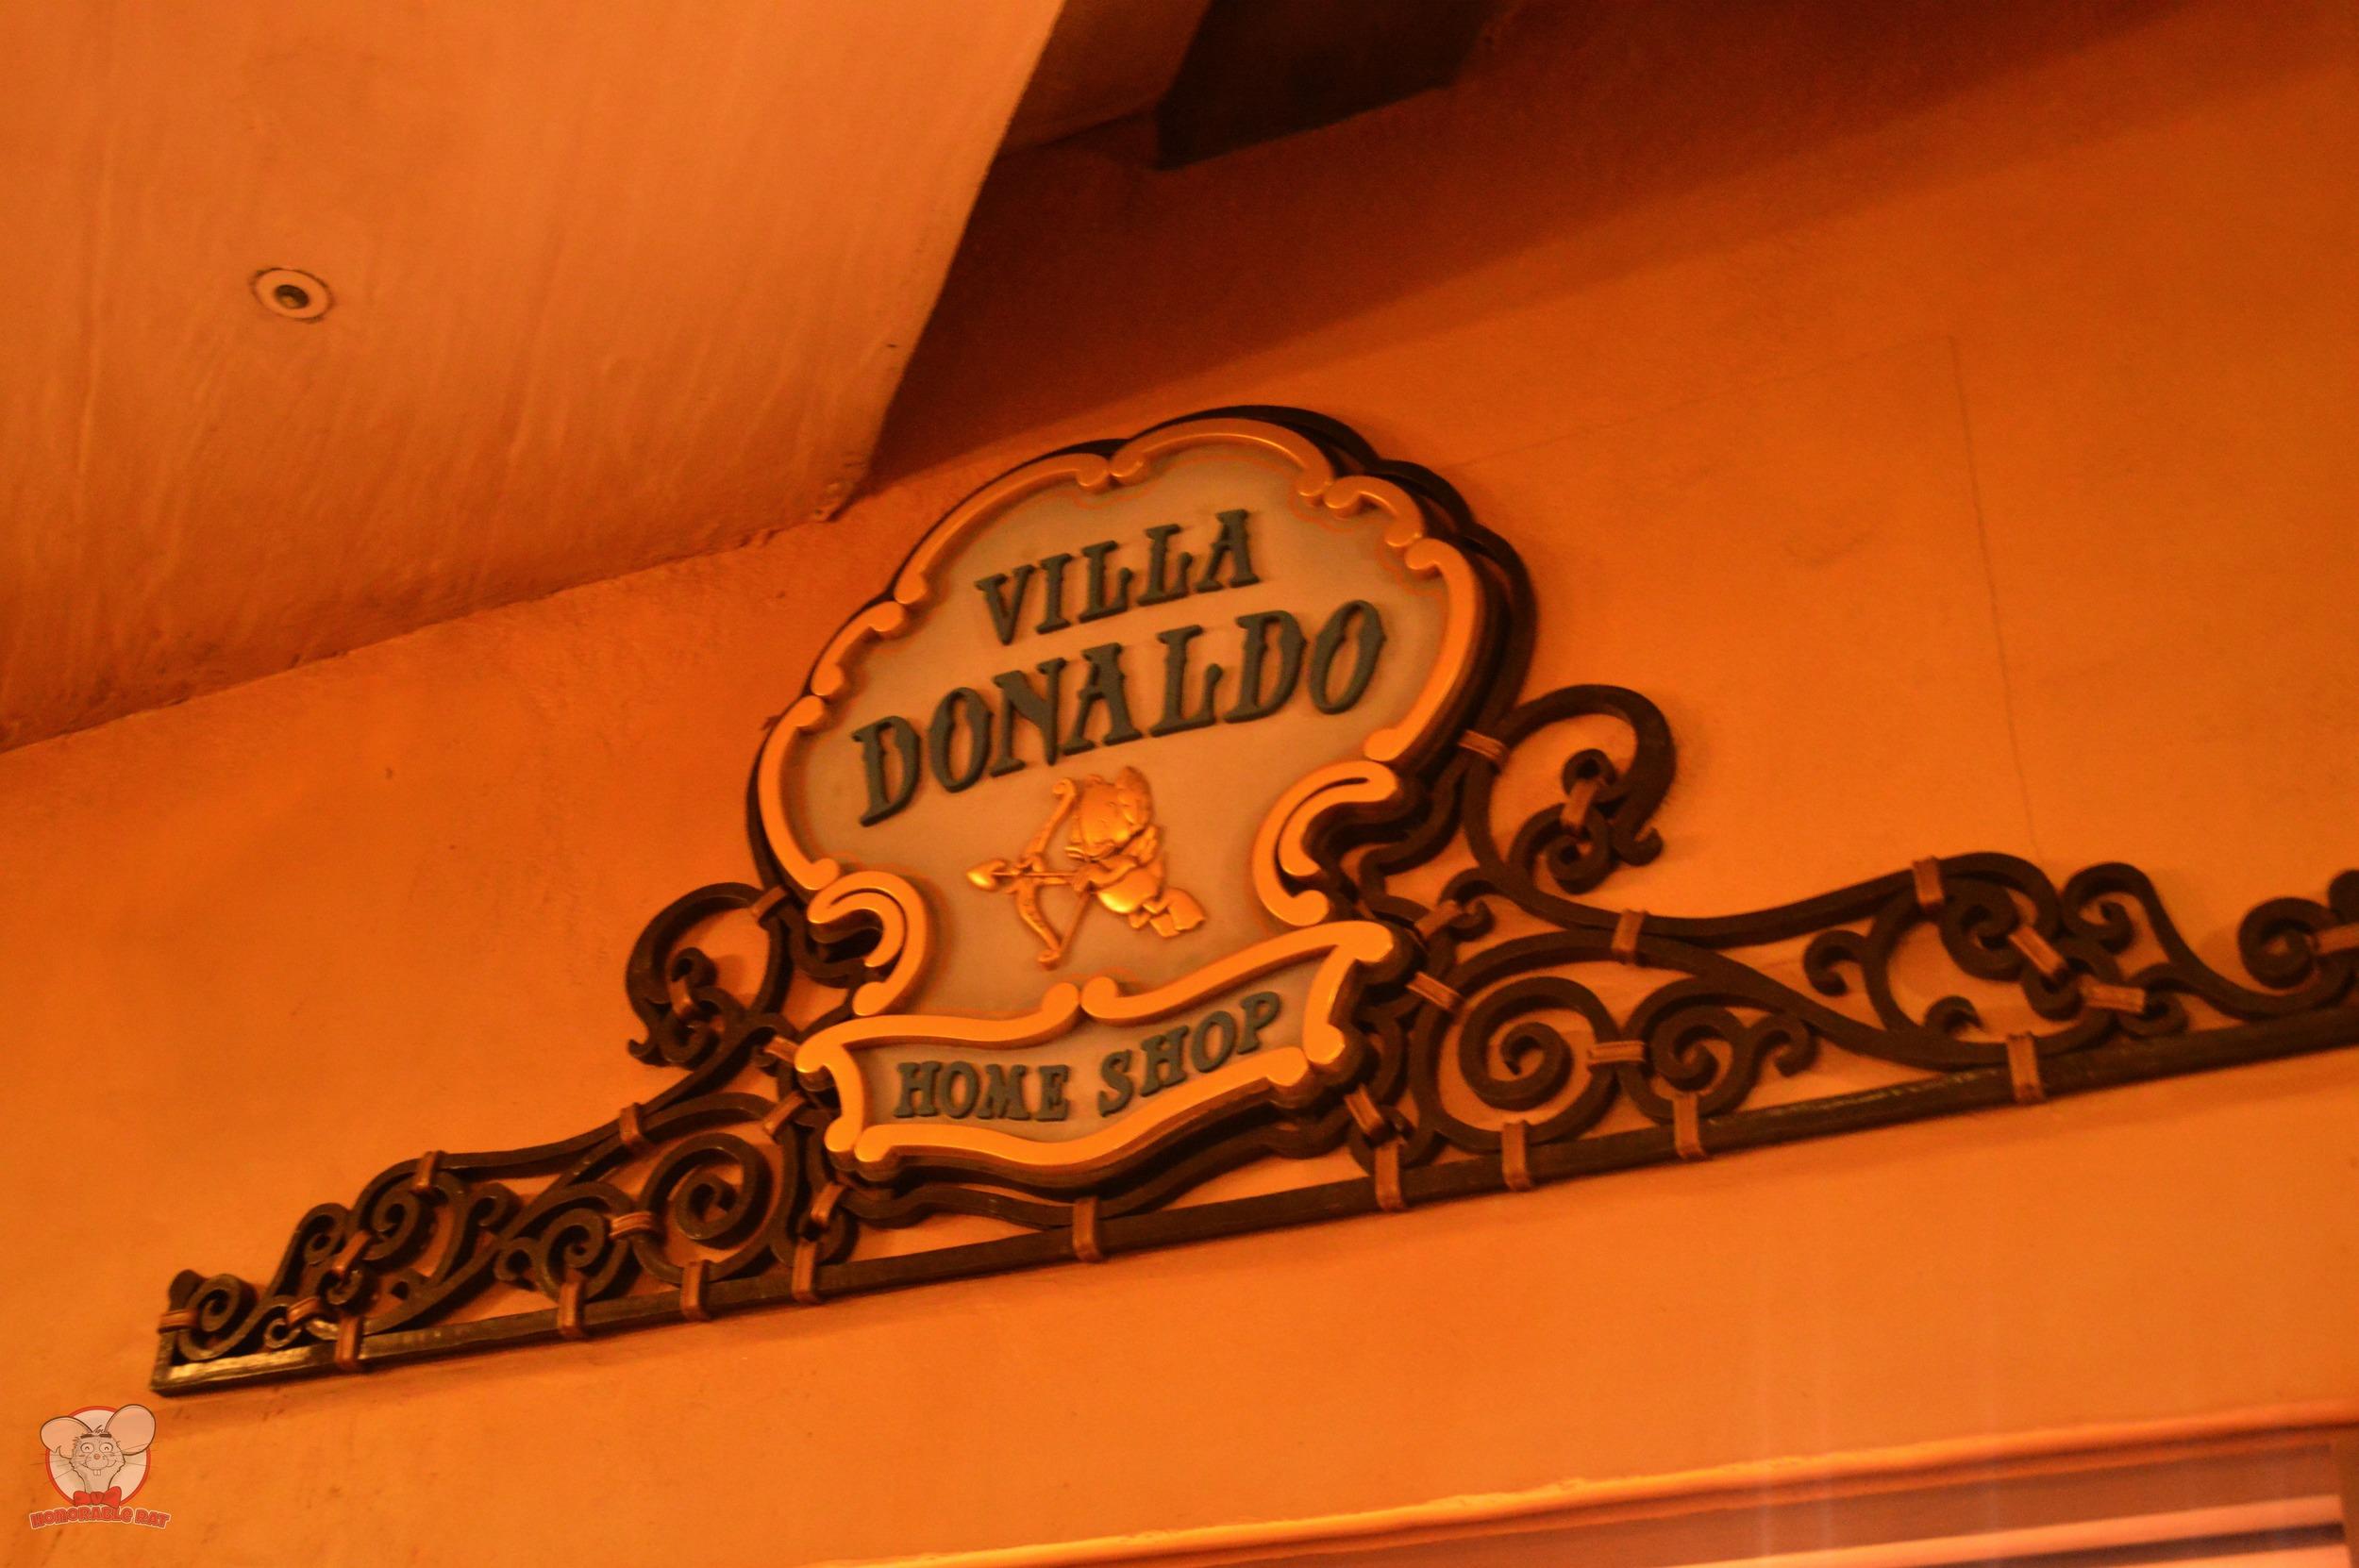 Villa Donaldo Home Shop